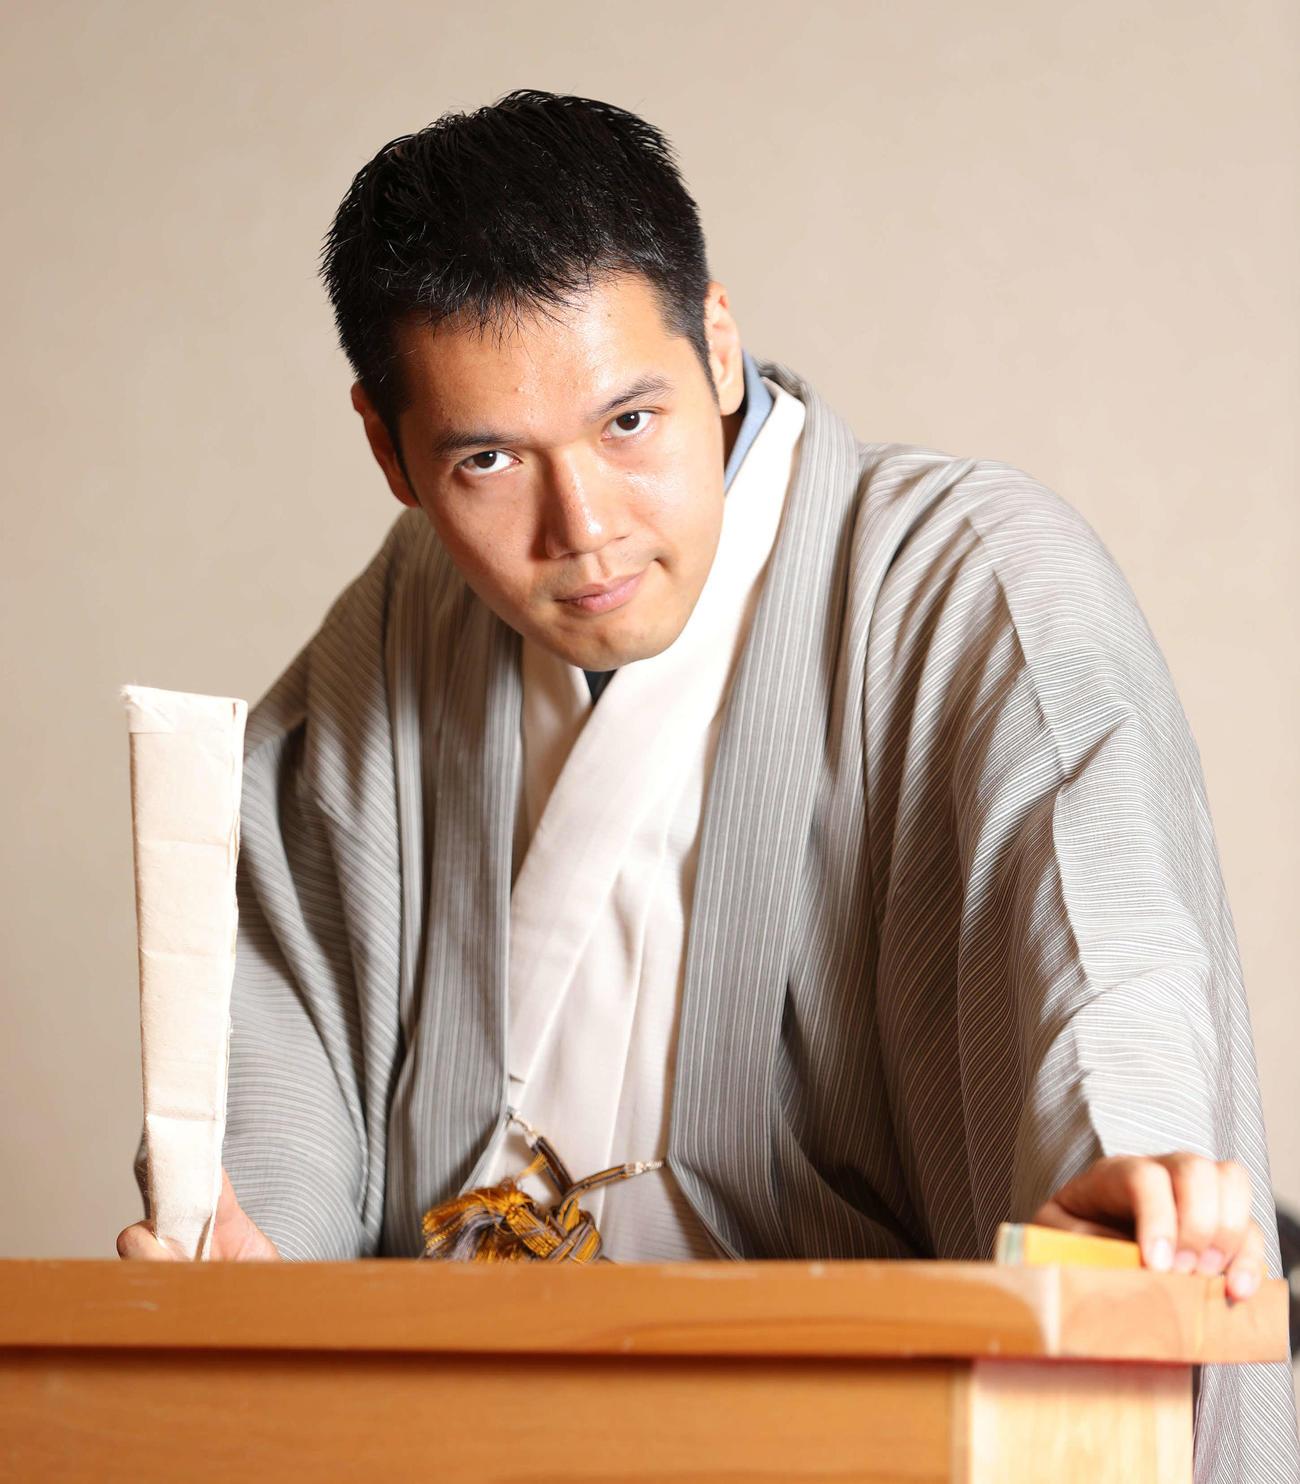 寄席に戻る日に備えてひたすら稽古に励む講談師神田伯山